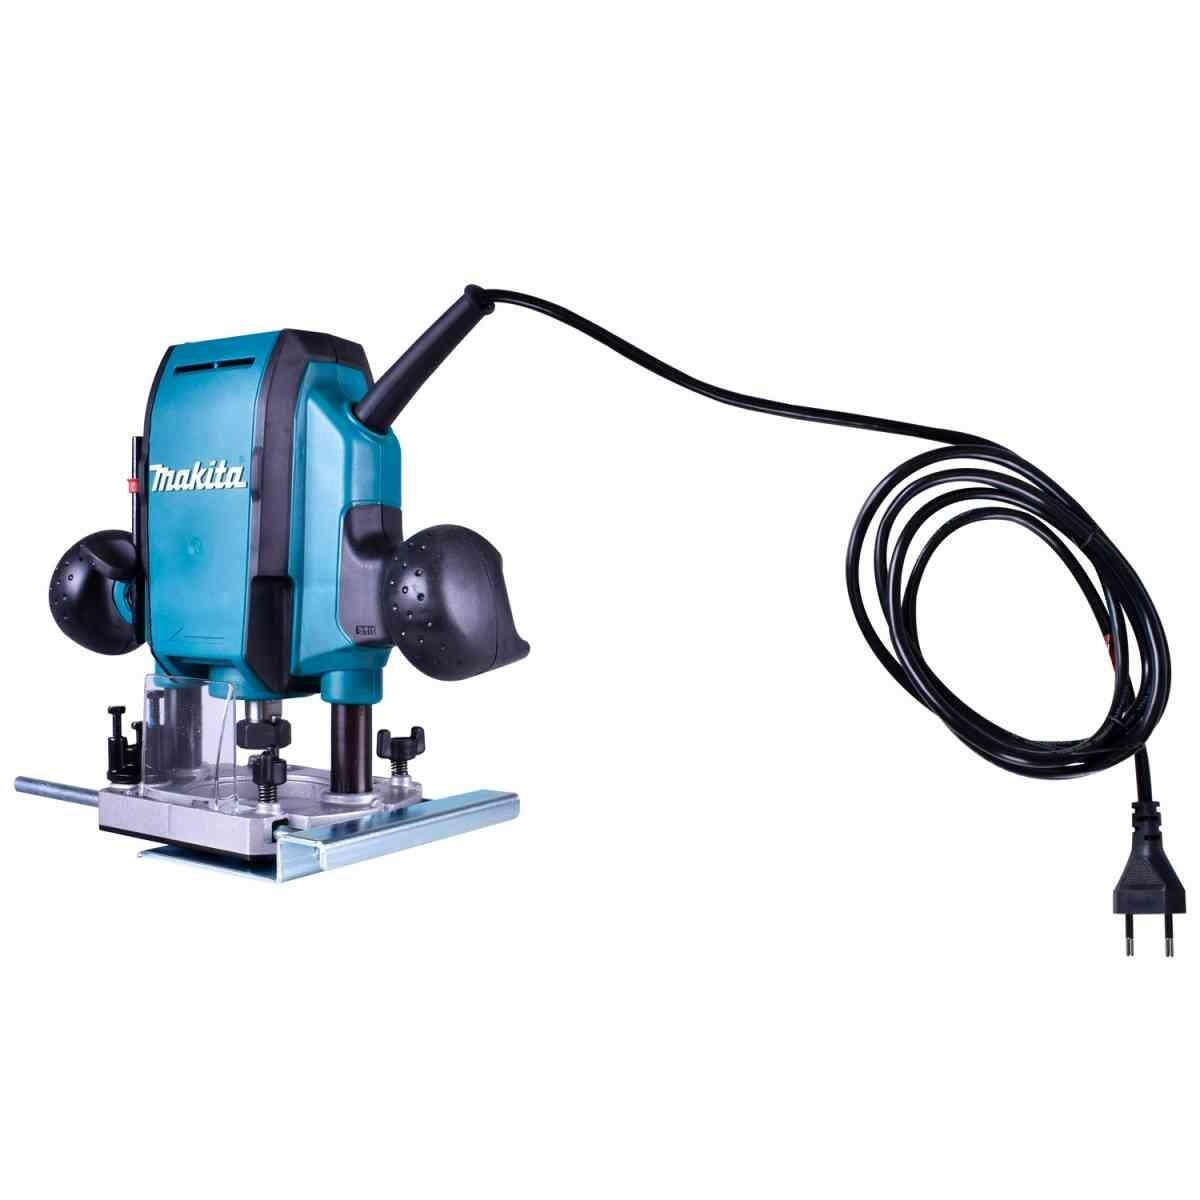 Tupia Elétrica 900W RP0900 Makita – 127V